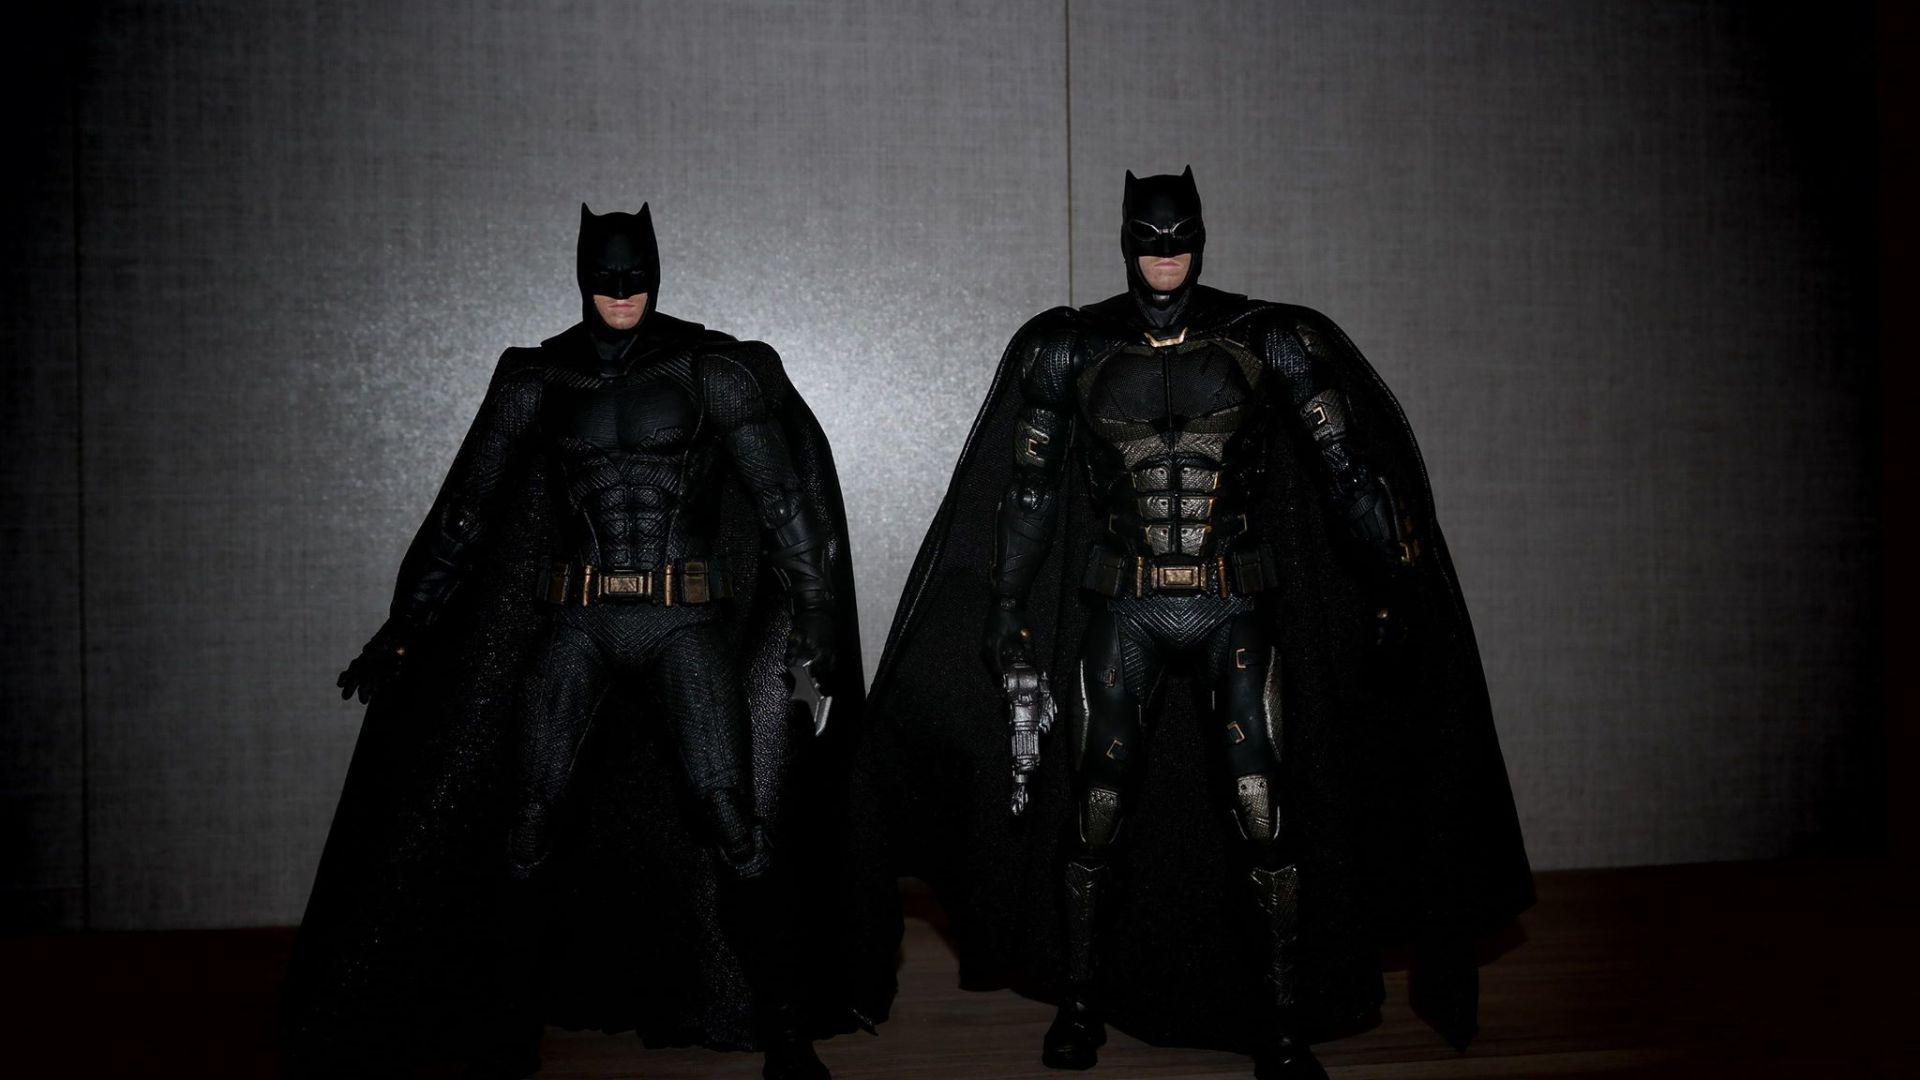 Batman-Justice-League-Tactical-Suit-Mafex-Review-18